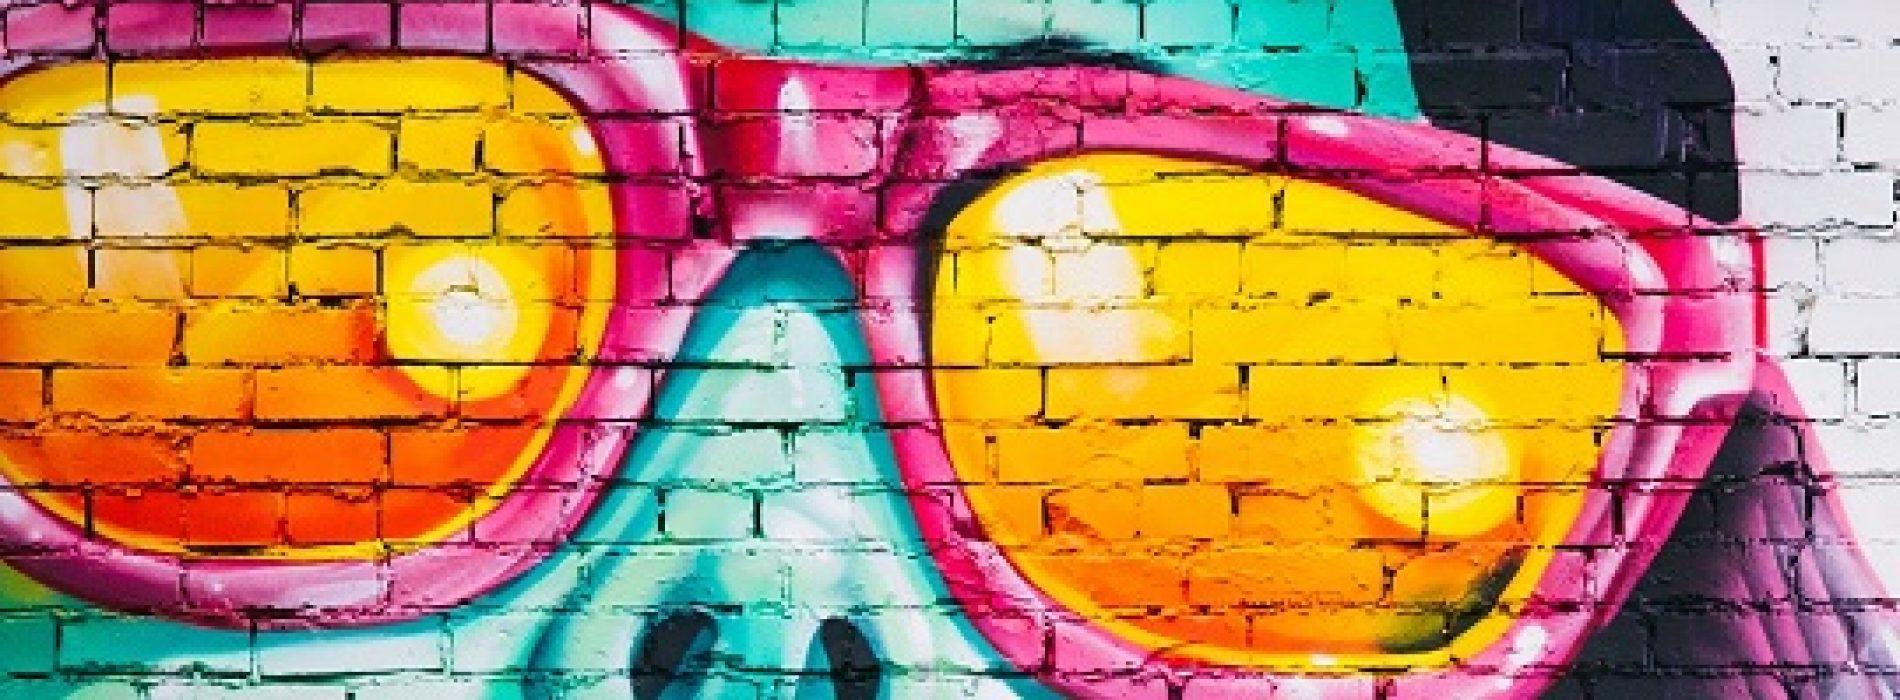 Kunstforståelse – Hvilke typer kunst snakker vi om?